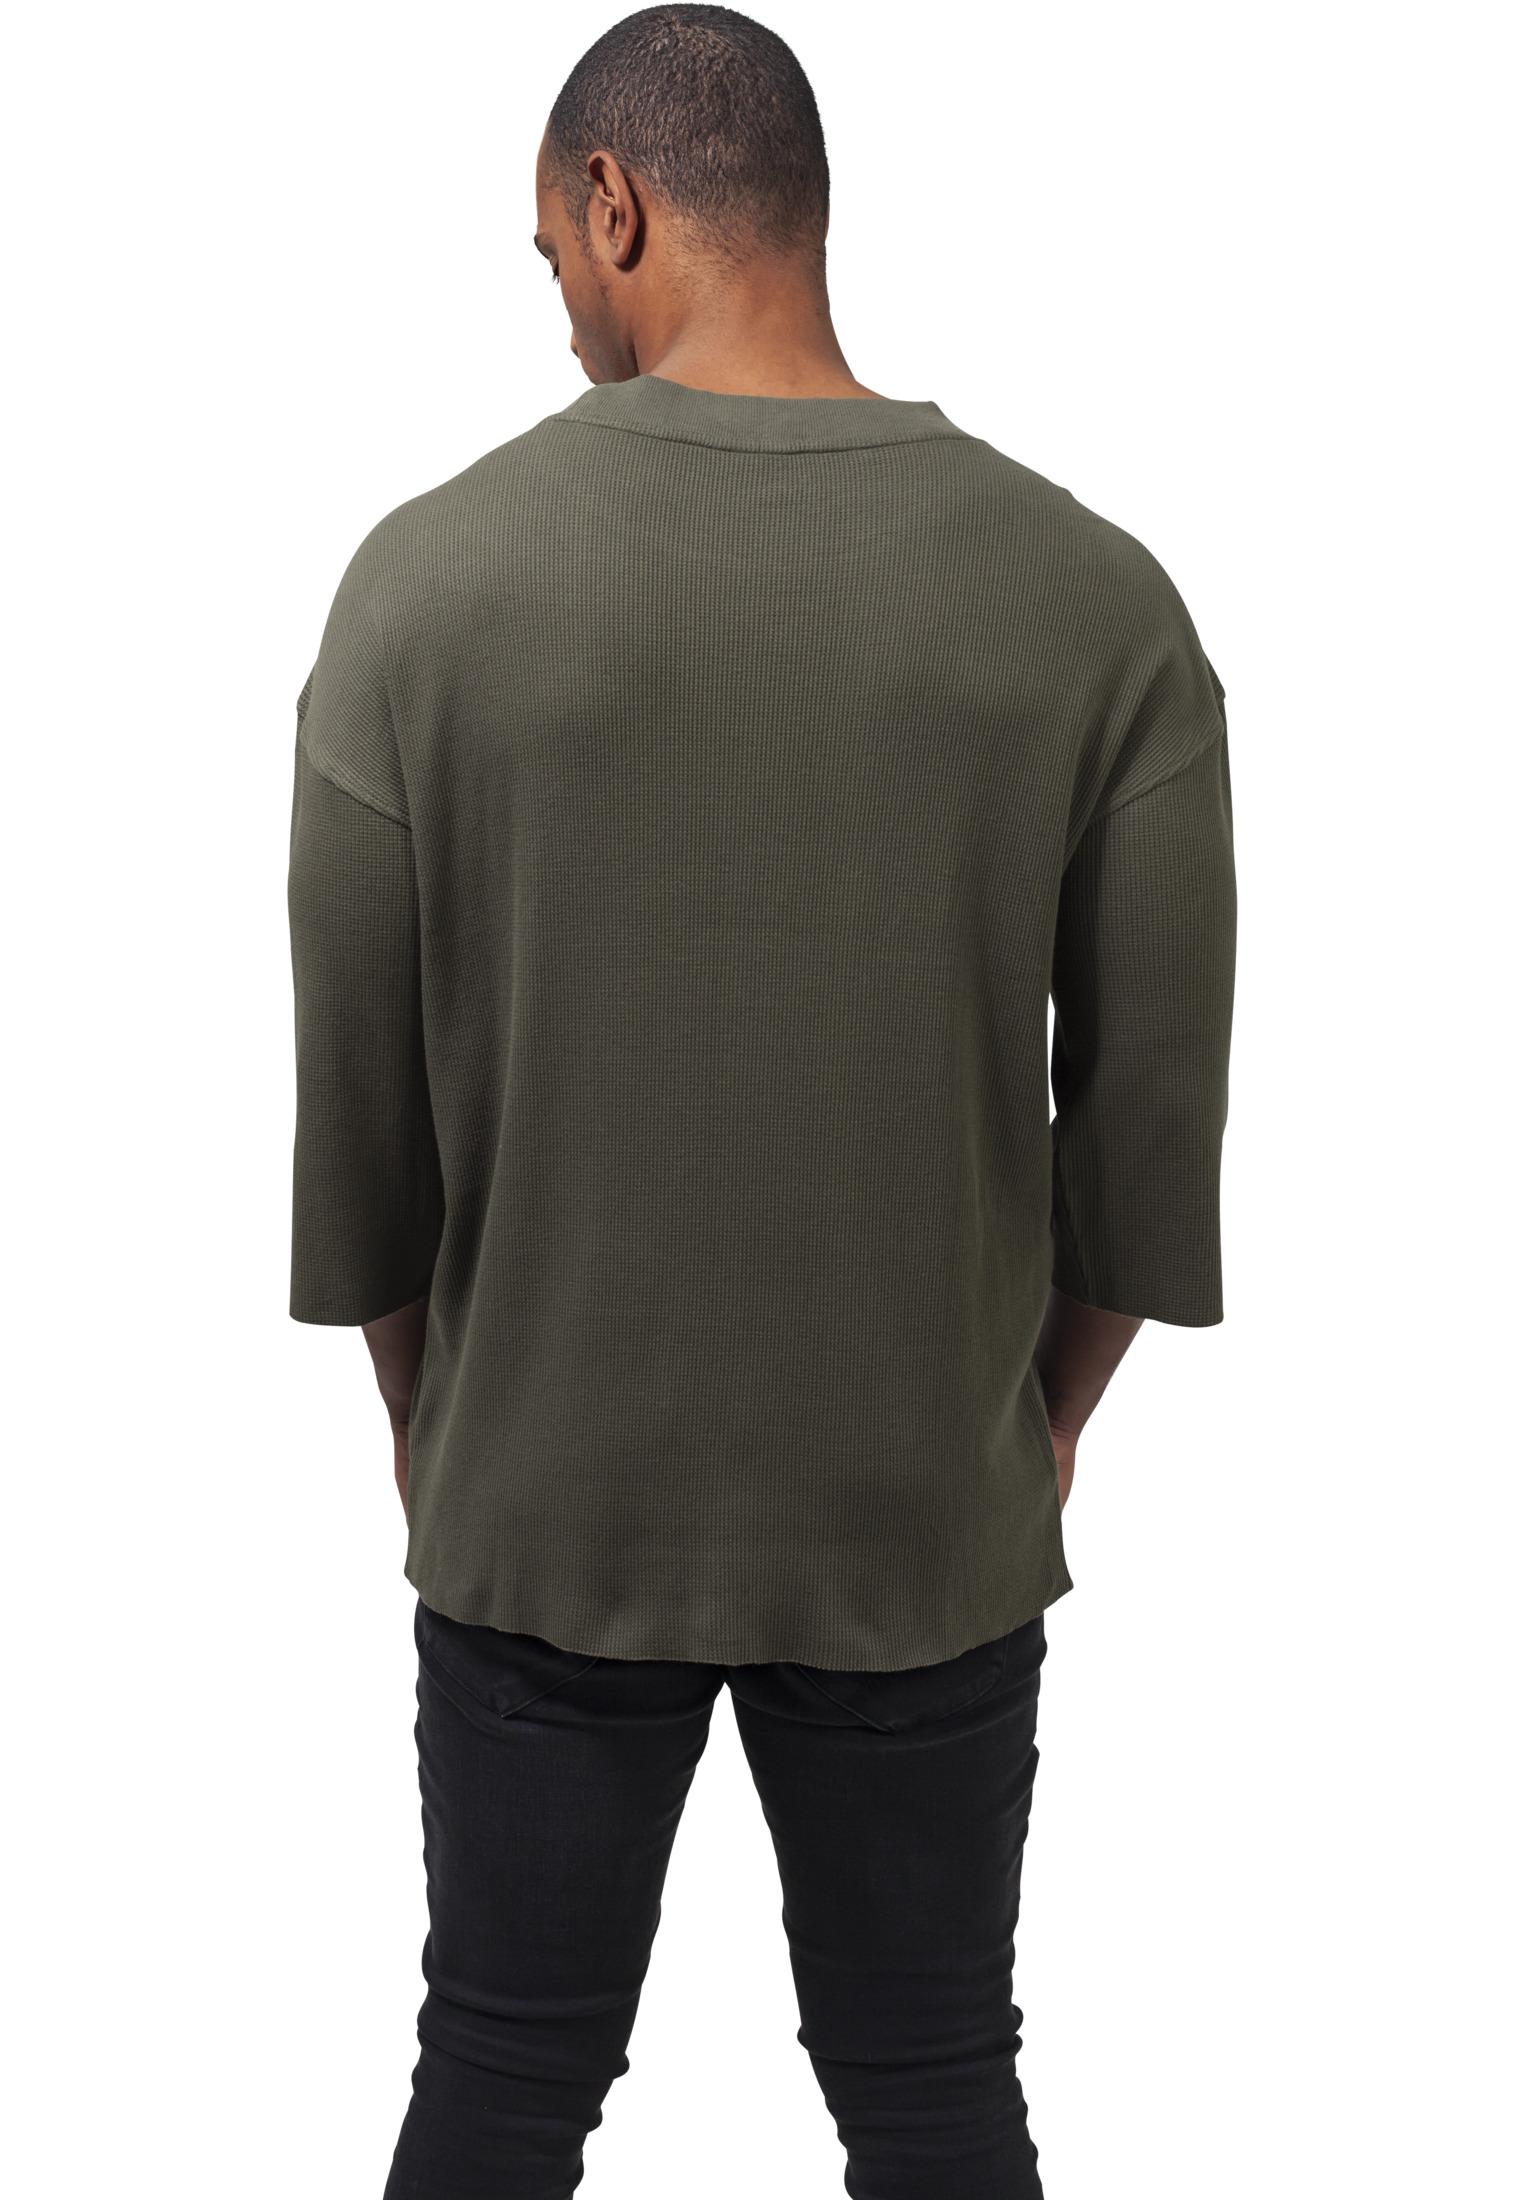 Urban Classics Thermal Boxy tee Camiseta para Hombre